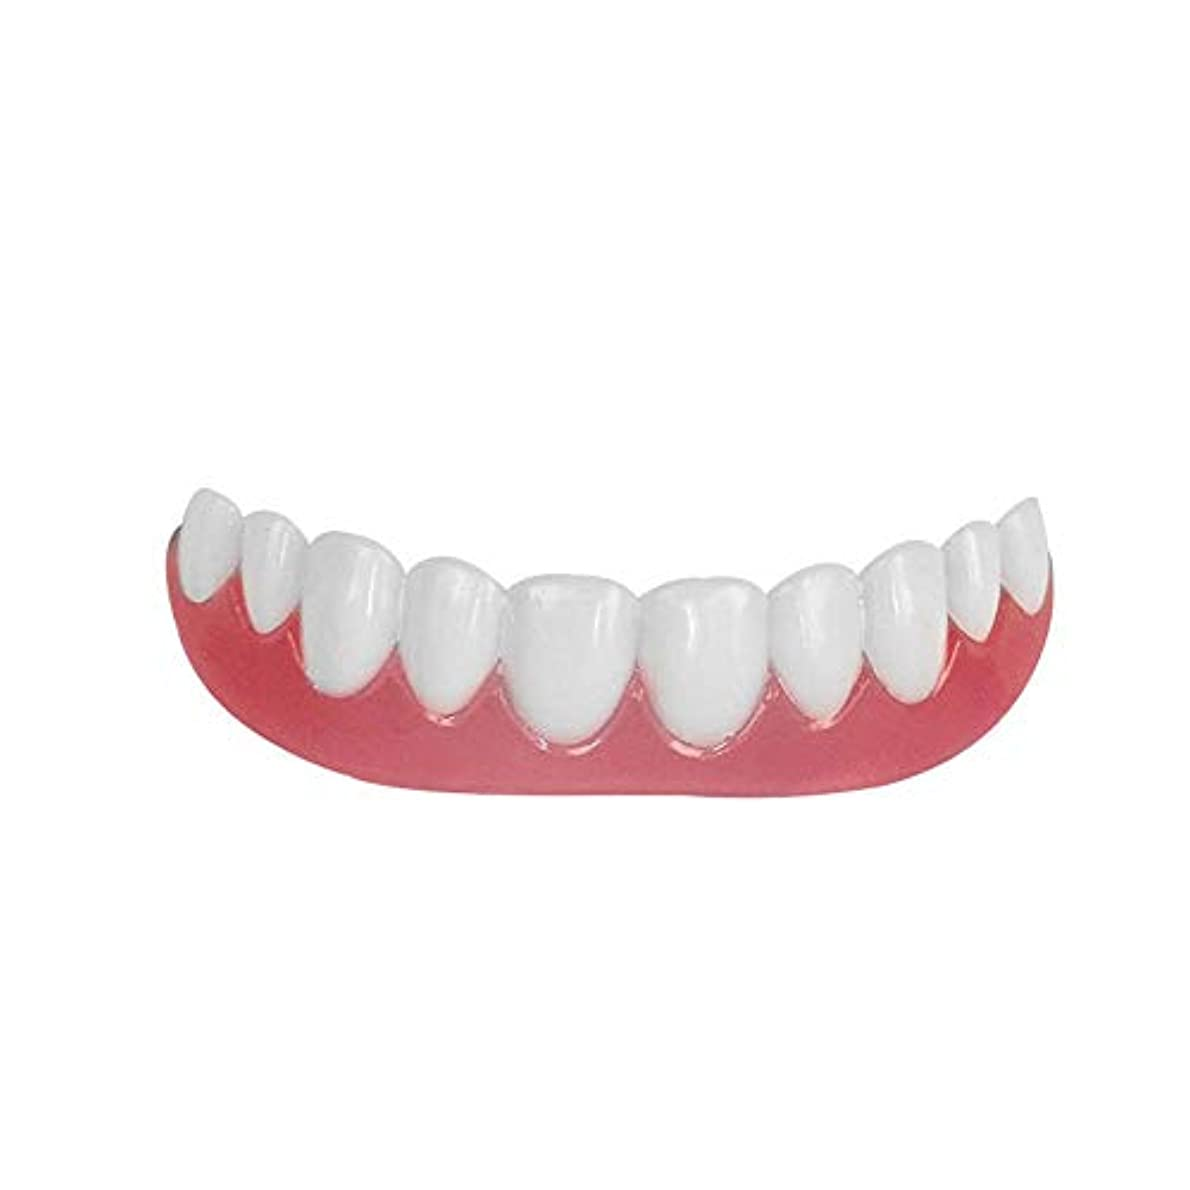 物足りない蘇生するシンプルなシリコーン模擬歯上歯、歯科用ステッカーのホワイトニング、歯のホワイトニングセット(1pcs),A